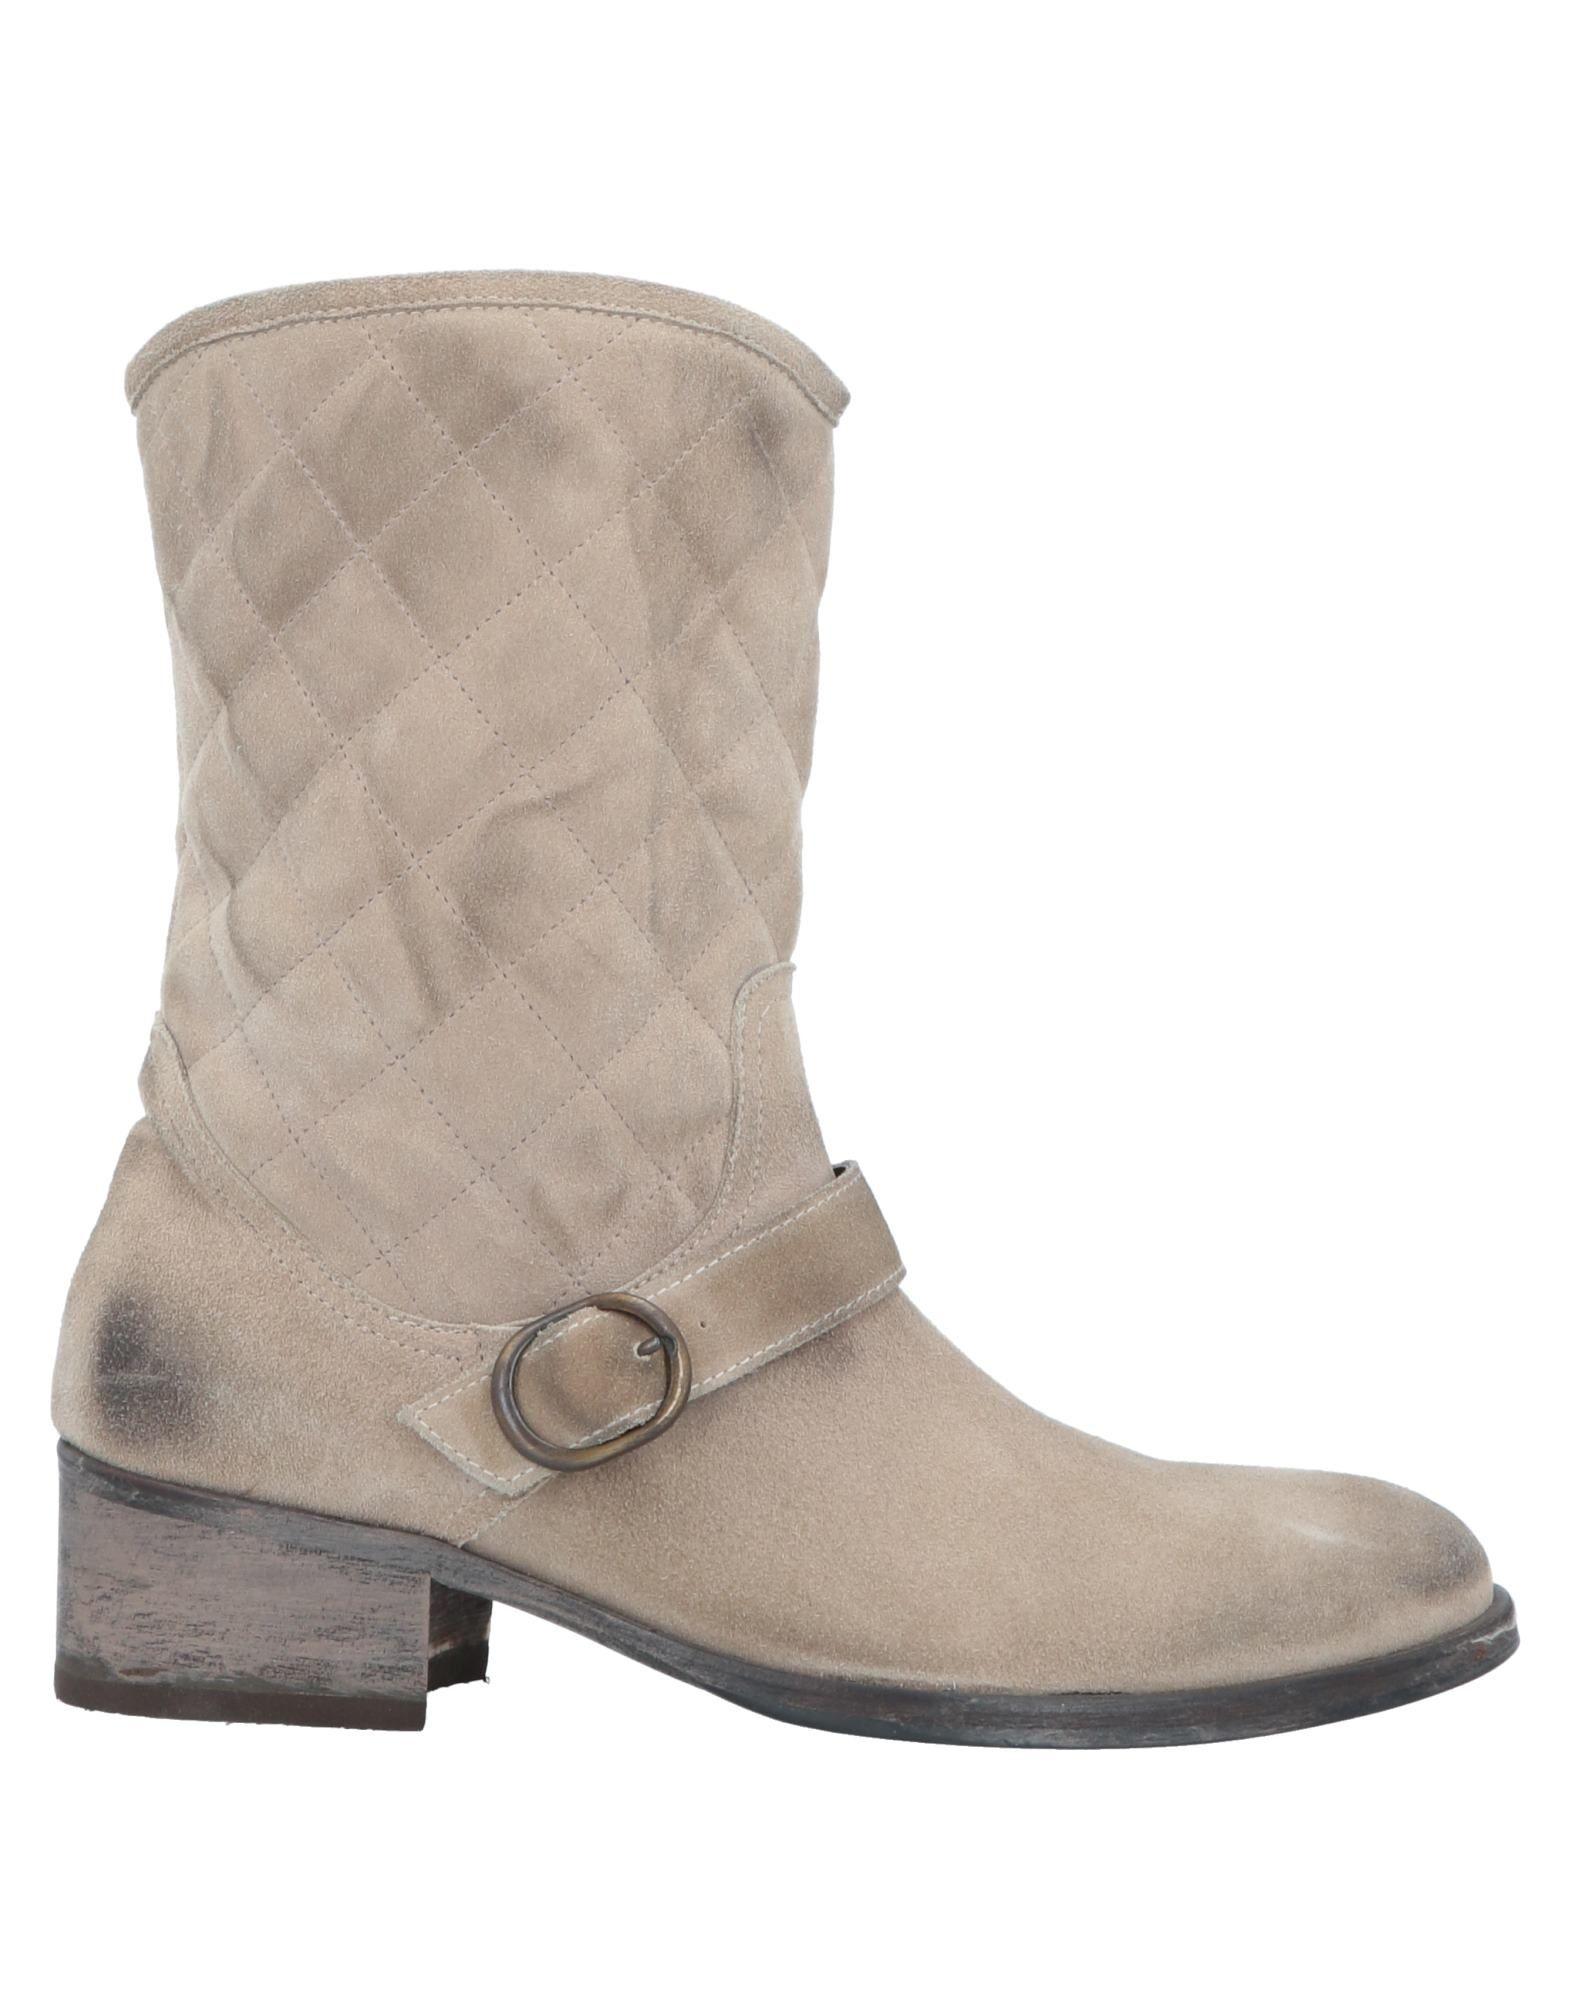 VIA ROMA 15 Полусапоги и высокие ботинки цены онлайн